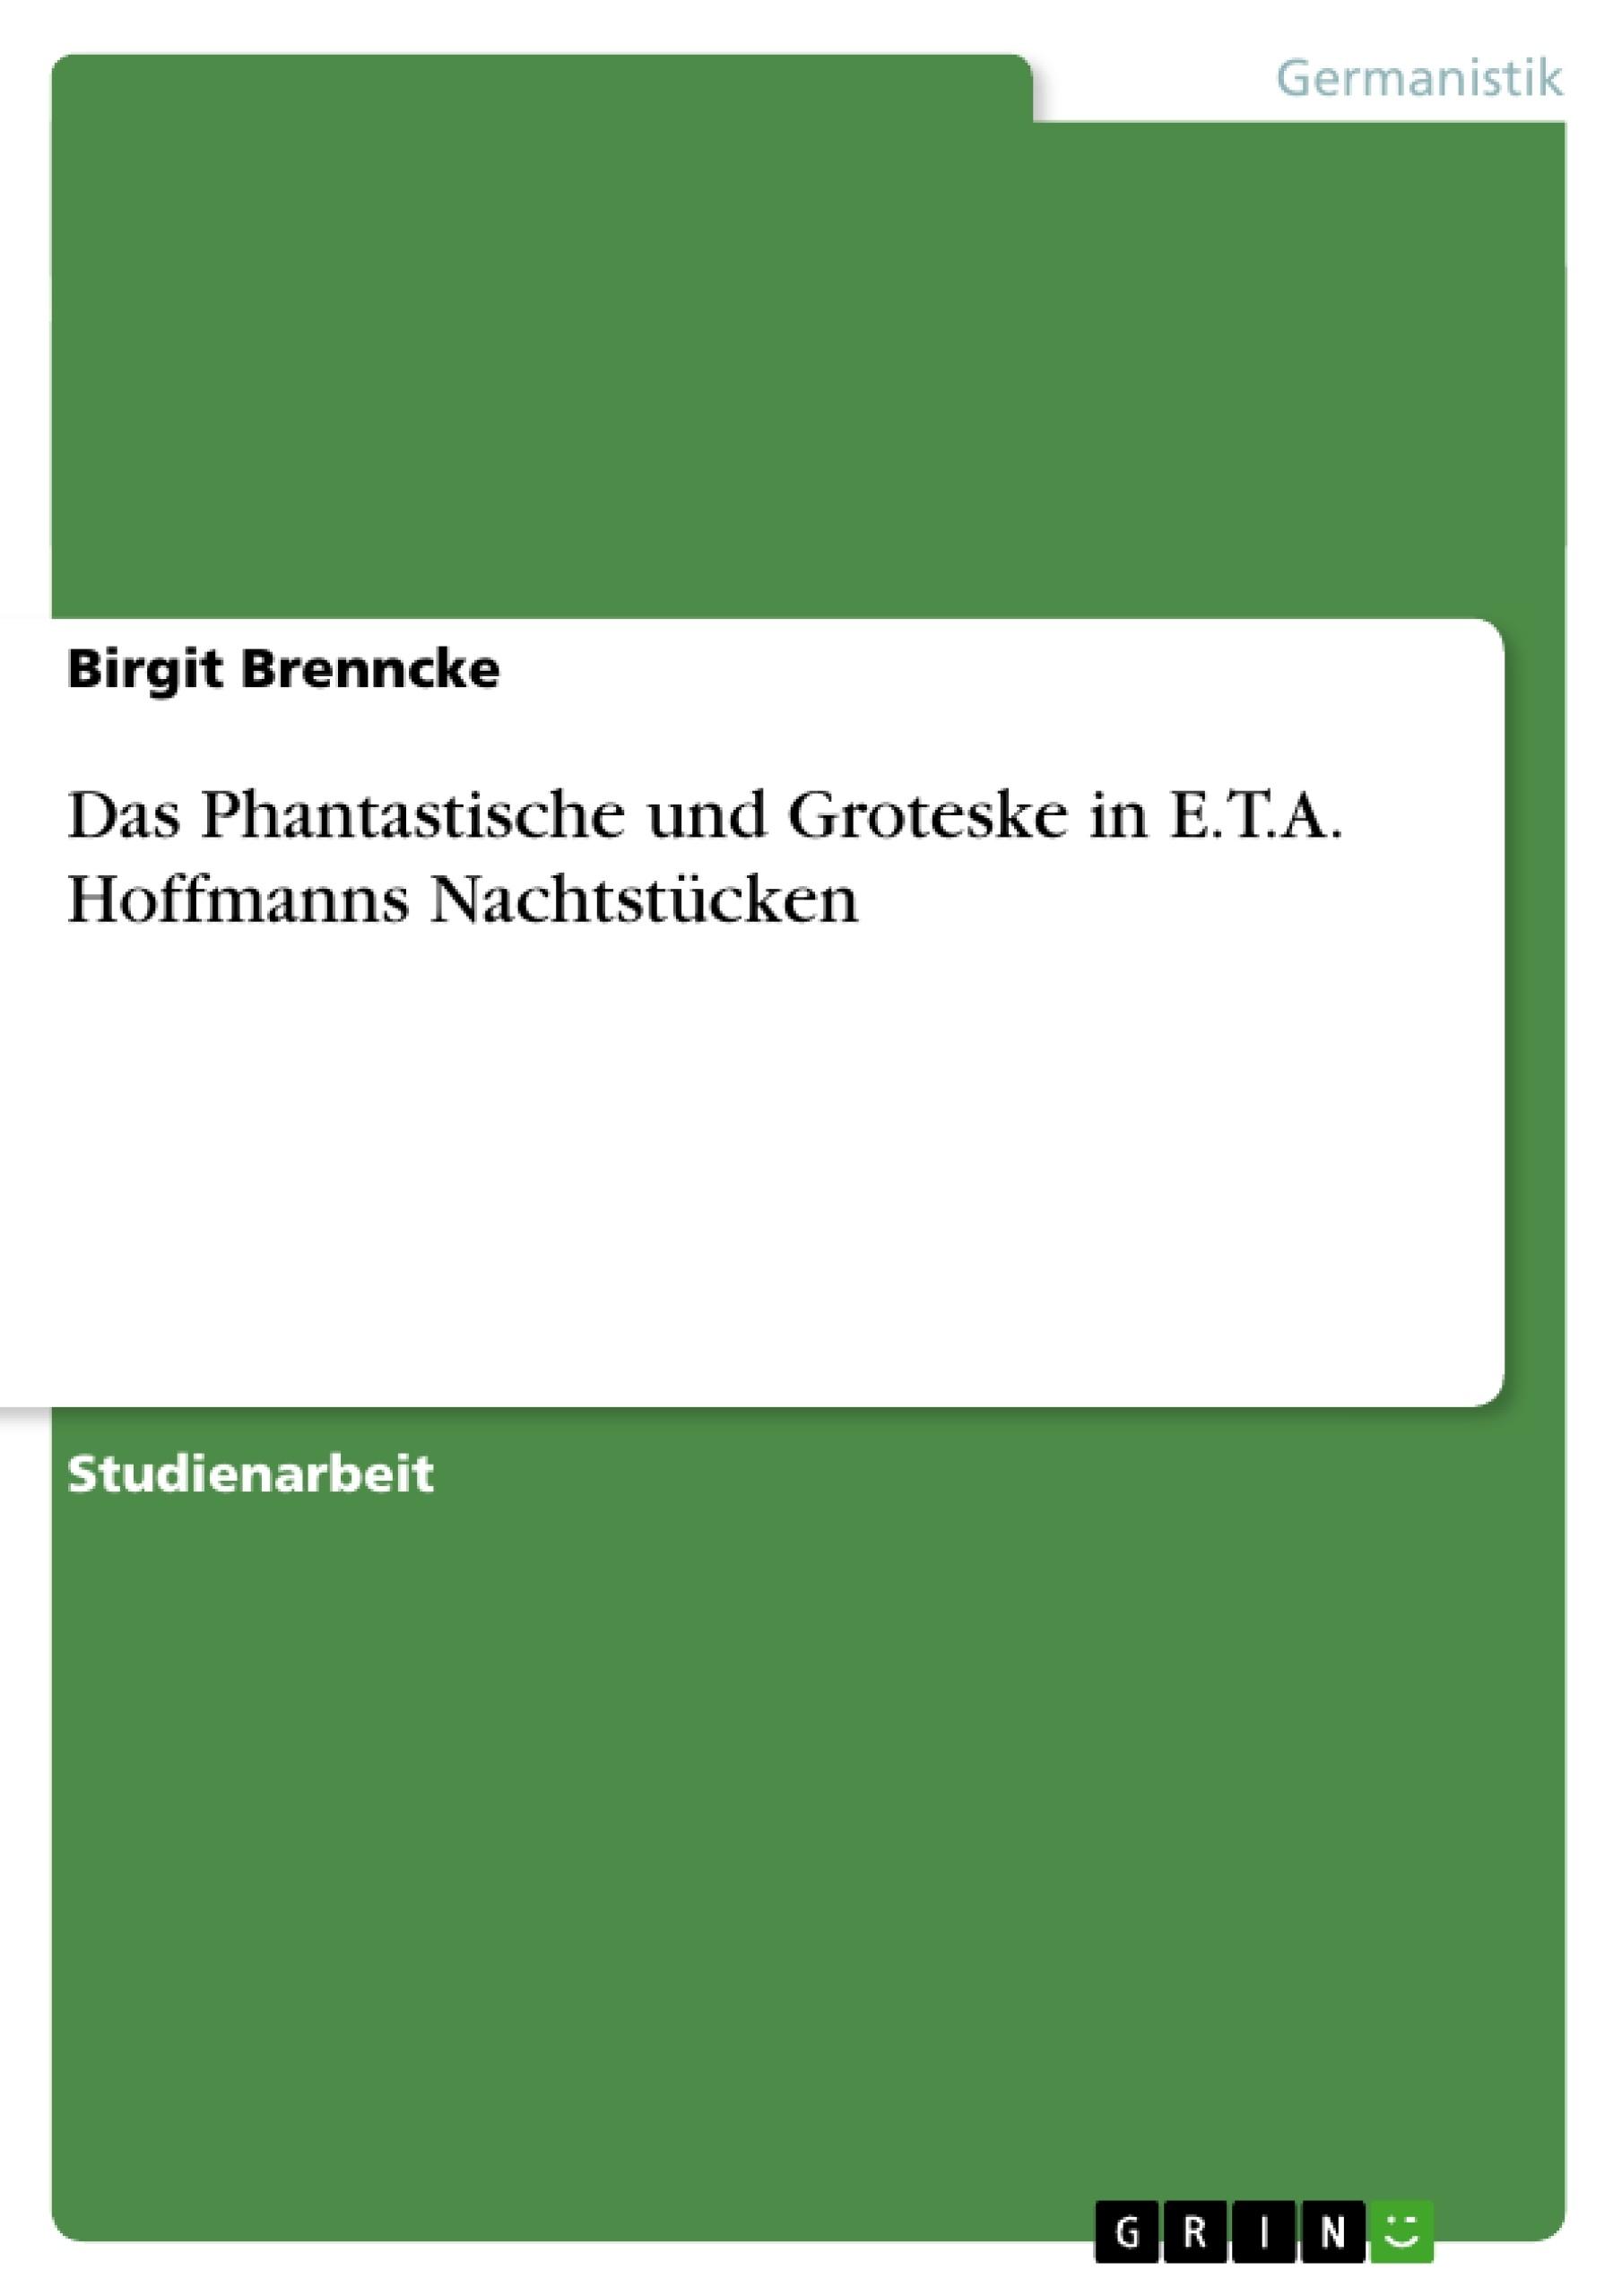 Titel: Das Phantastische und Groteske in E.T.A. Hoffmanns Nachtstücken